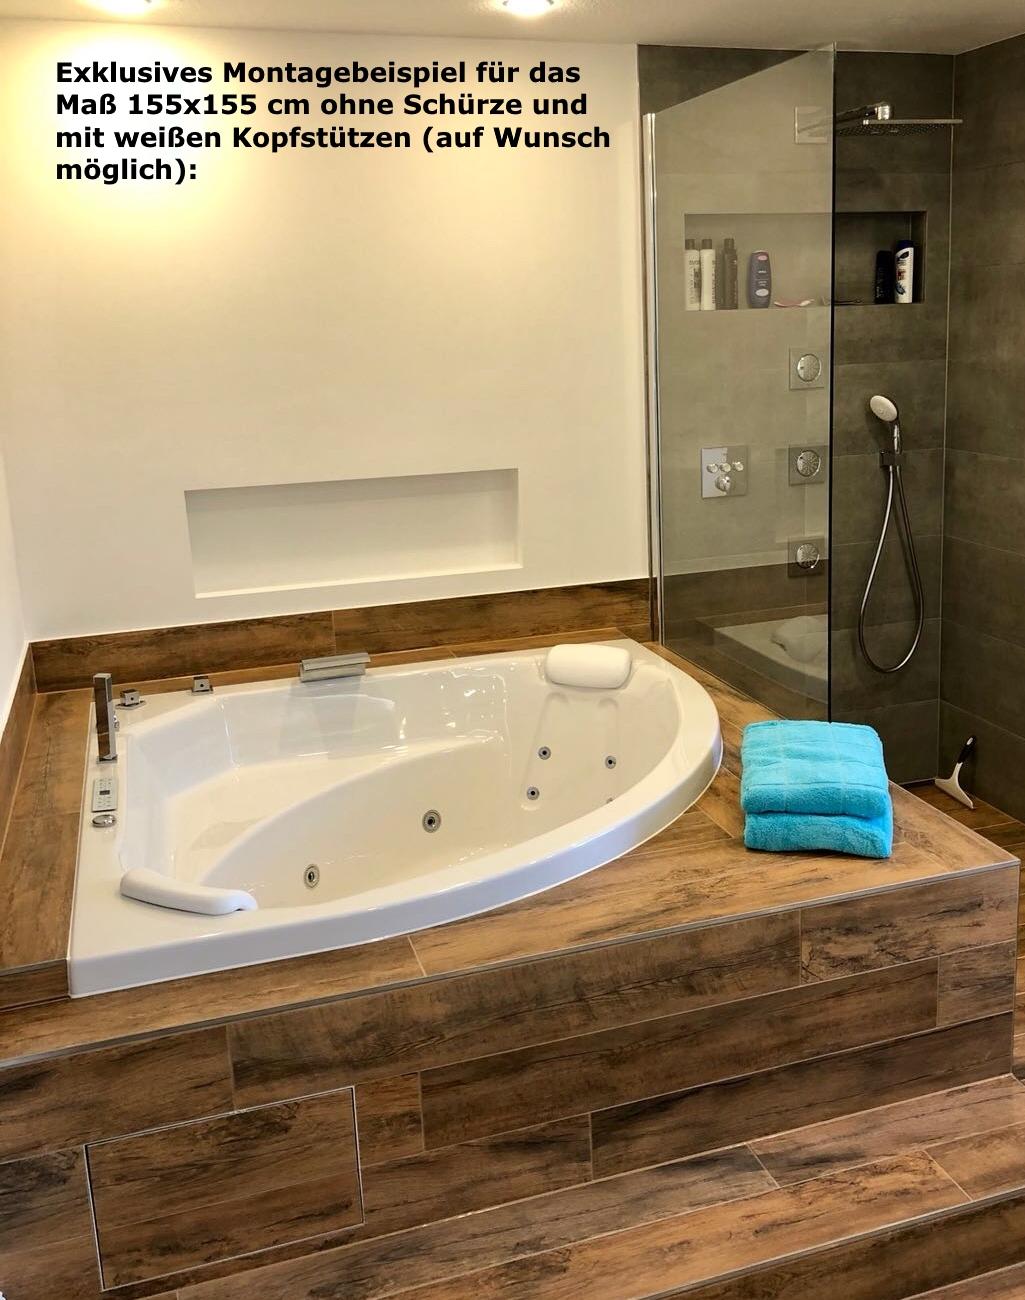 Whirlpool Badewanne Karibik Profi mit 21/25 Massage Düsen + Heizung + Ozon  + Beleuchtung + 3 Größen wählbar